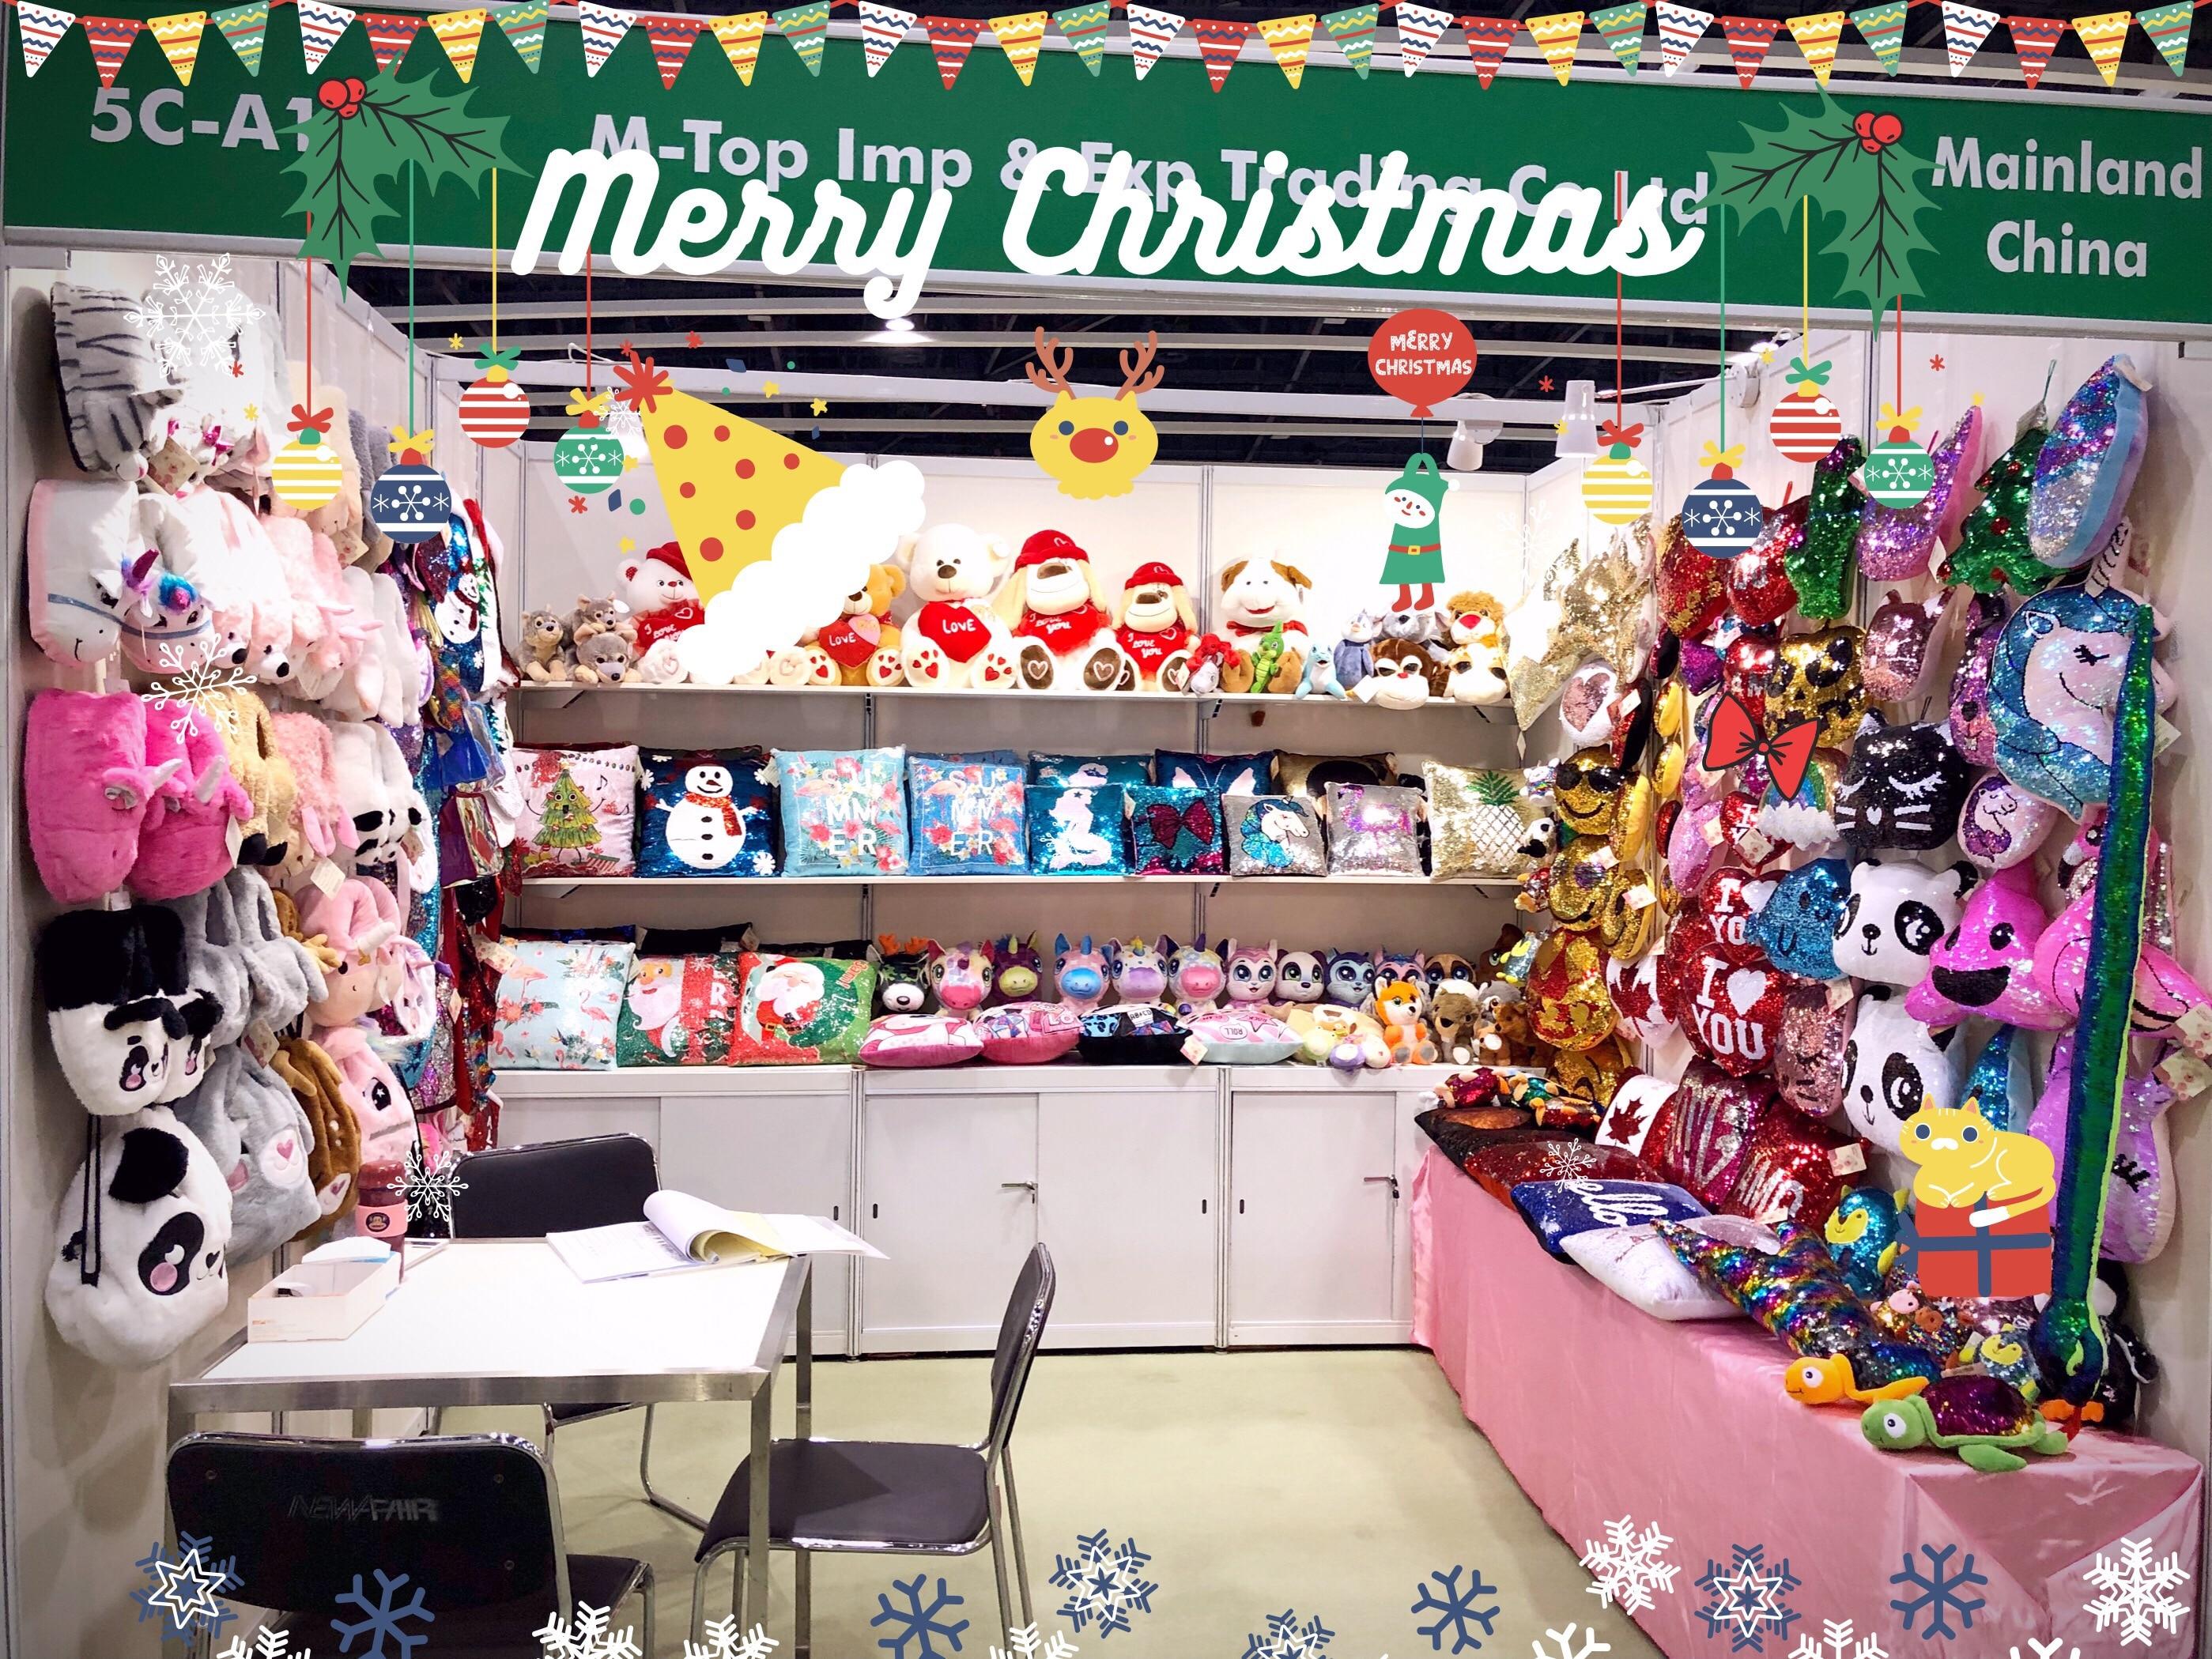 Флип блесток Единорог 28 см блеск Единорог чучела единорог плюшевые игрушки чучело животных для семьи друзей детей Подарки